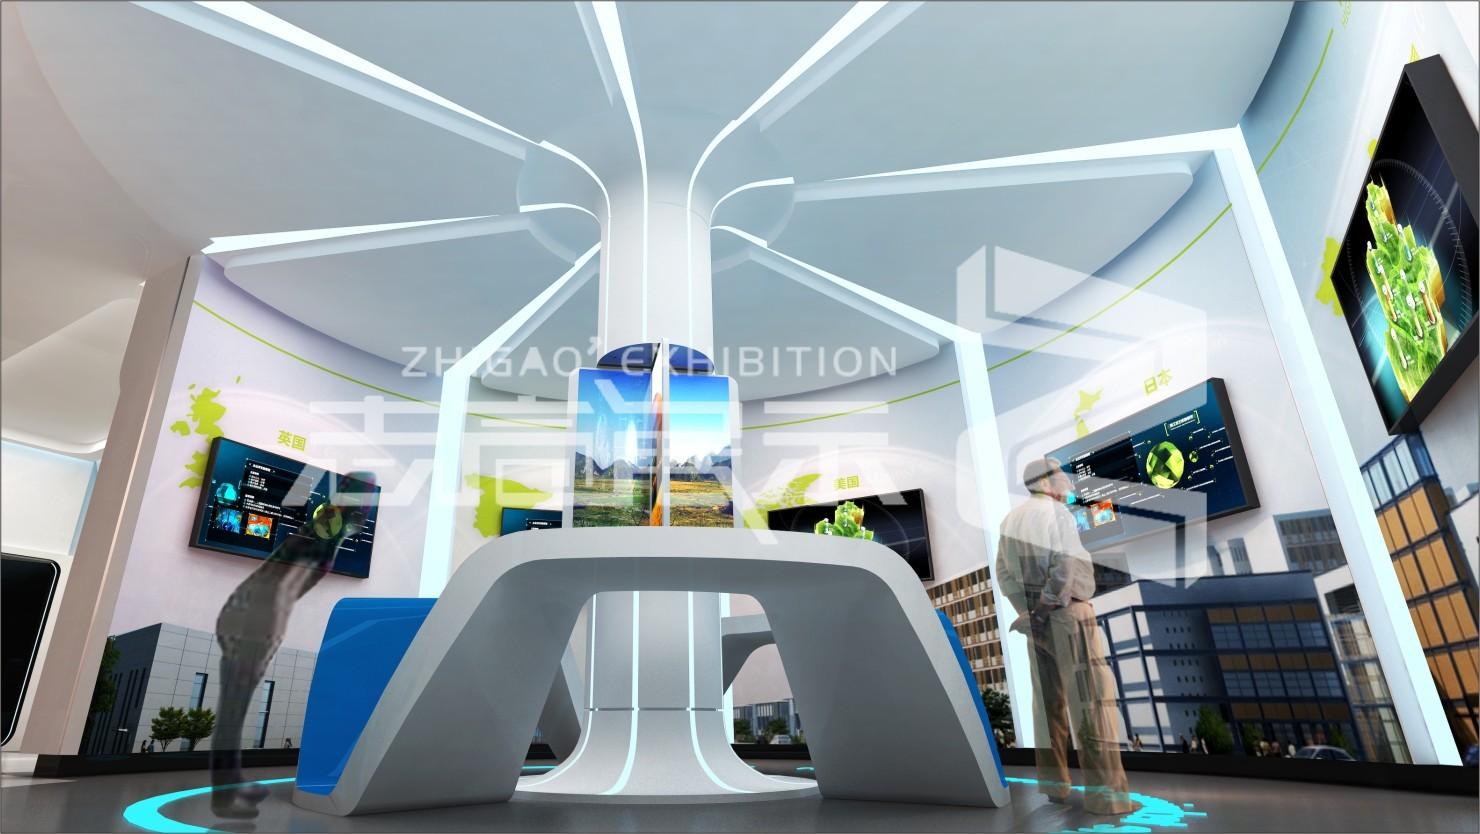 咸陽彩虹光電科技企業展廳